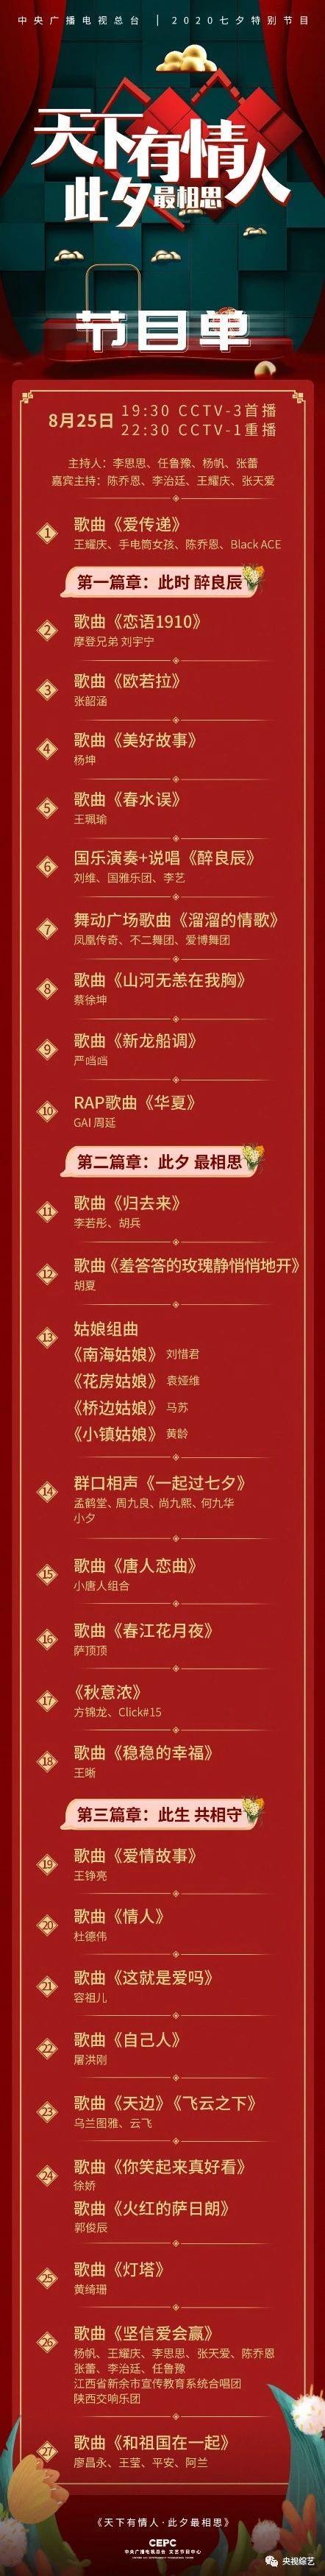 央视七夕晚会emoji节目单 2020年央视七夕晚会直播时间所在